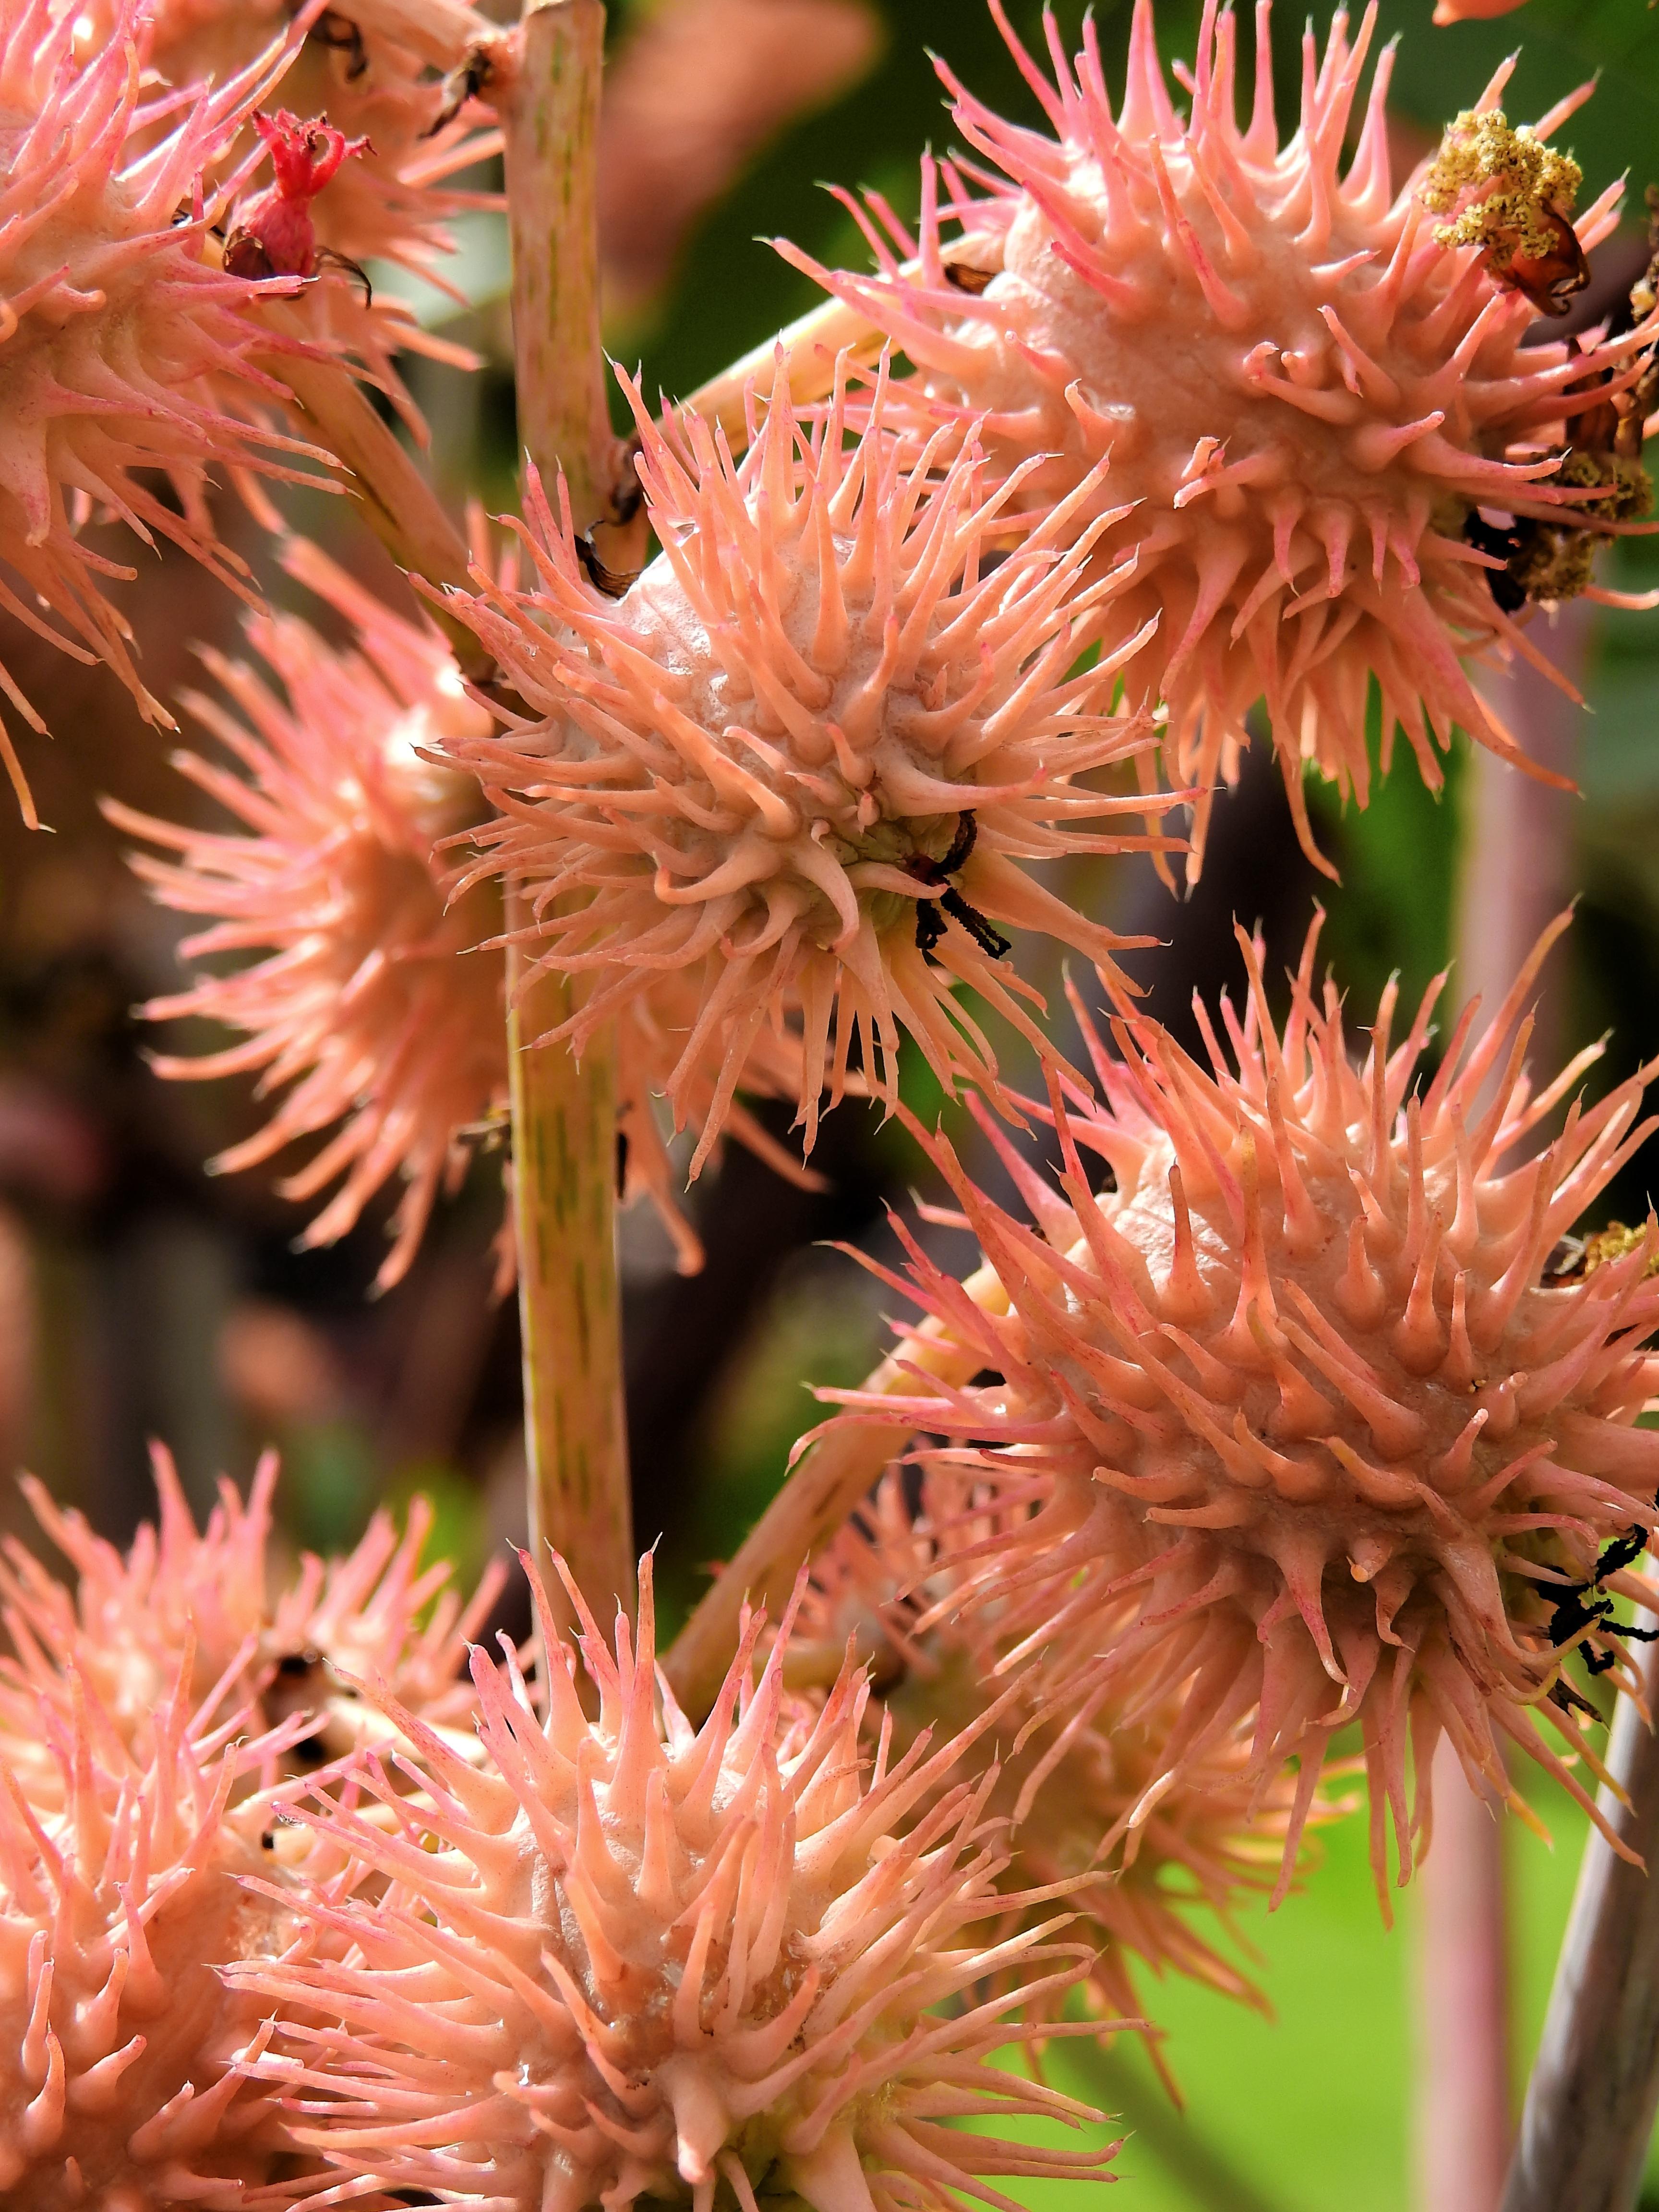 images gratuites : la nature, fleur, floraison, herbe, botanique